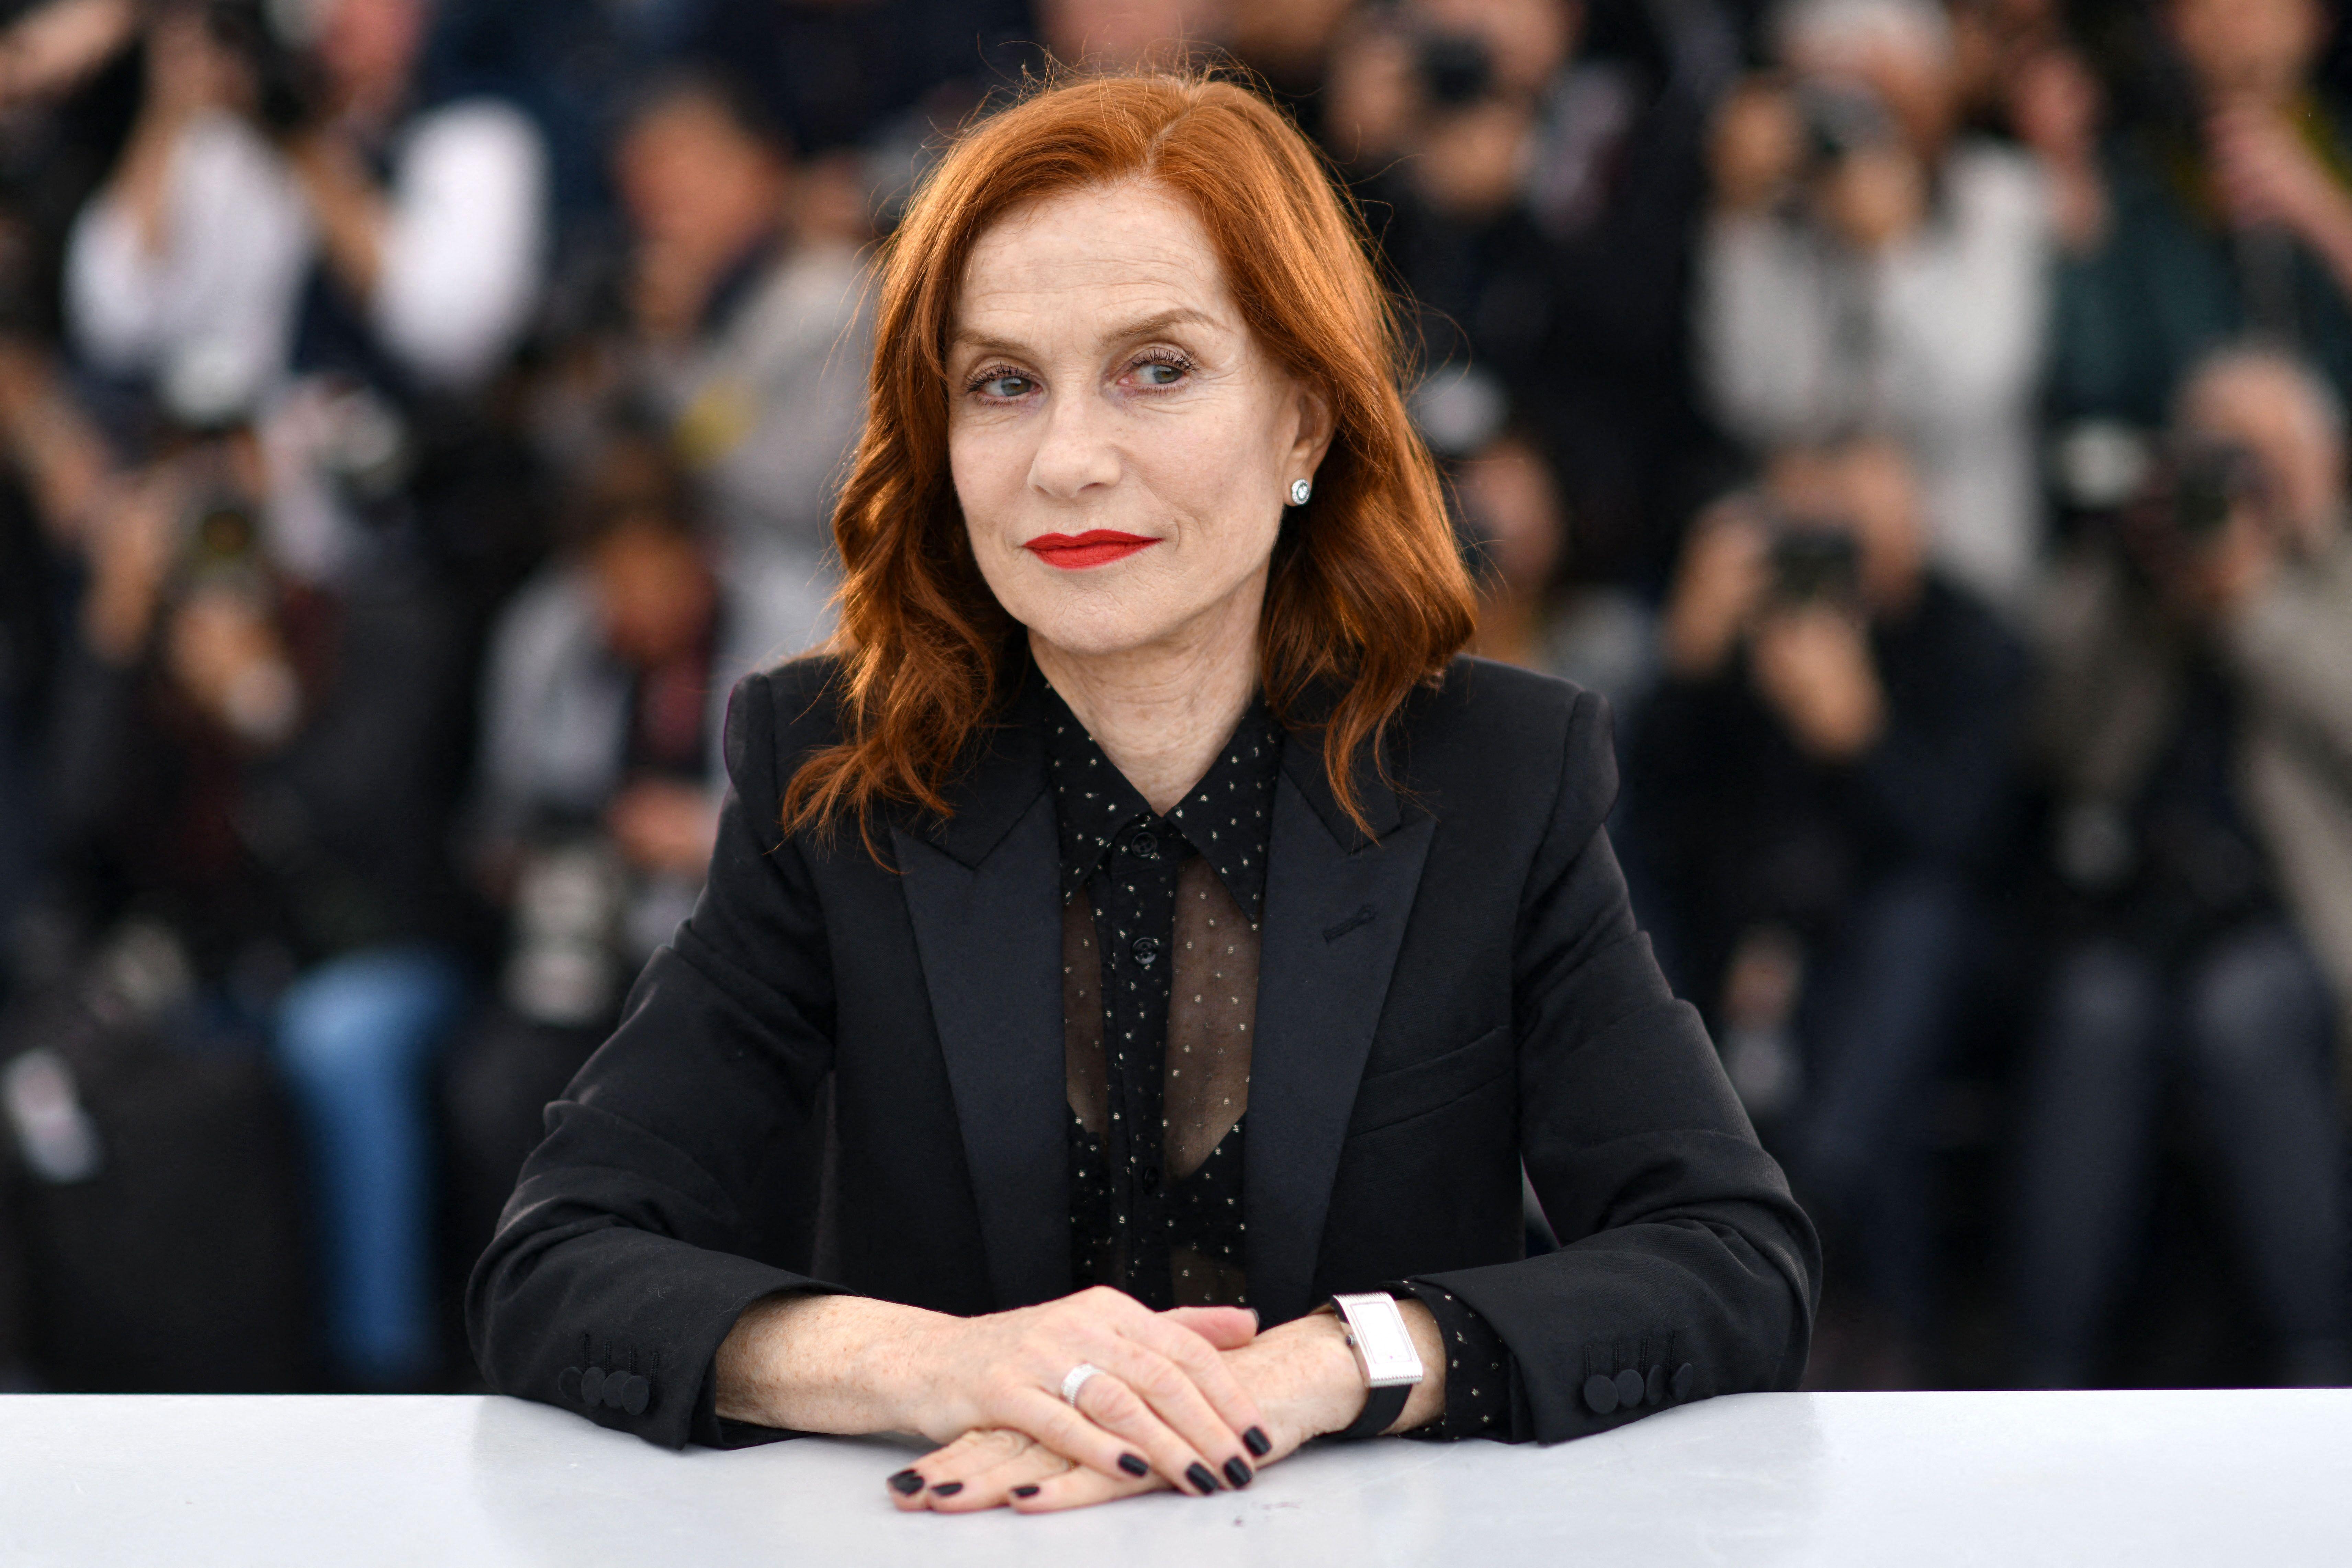 Isabelle Huppert révèle avoir déjà été moins payée qu'un comédien homme